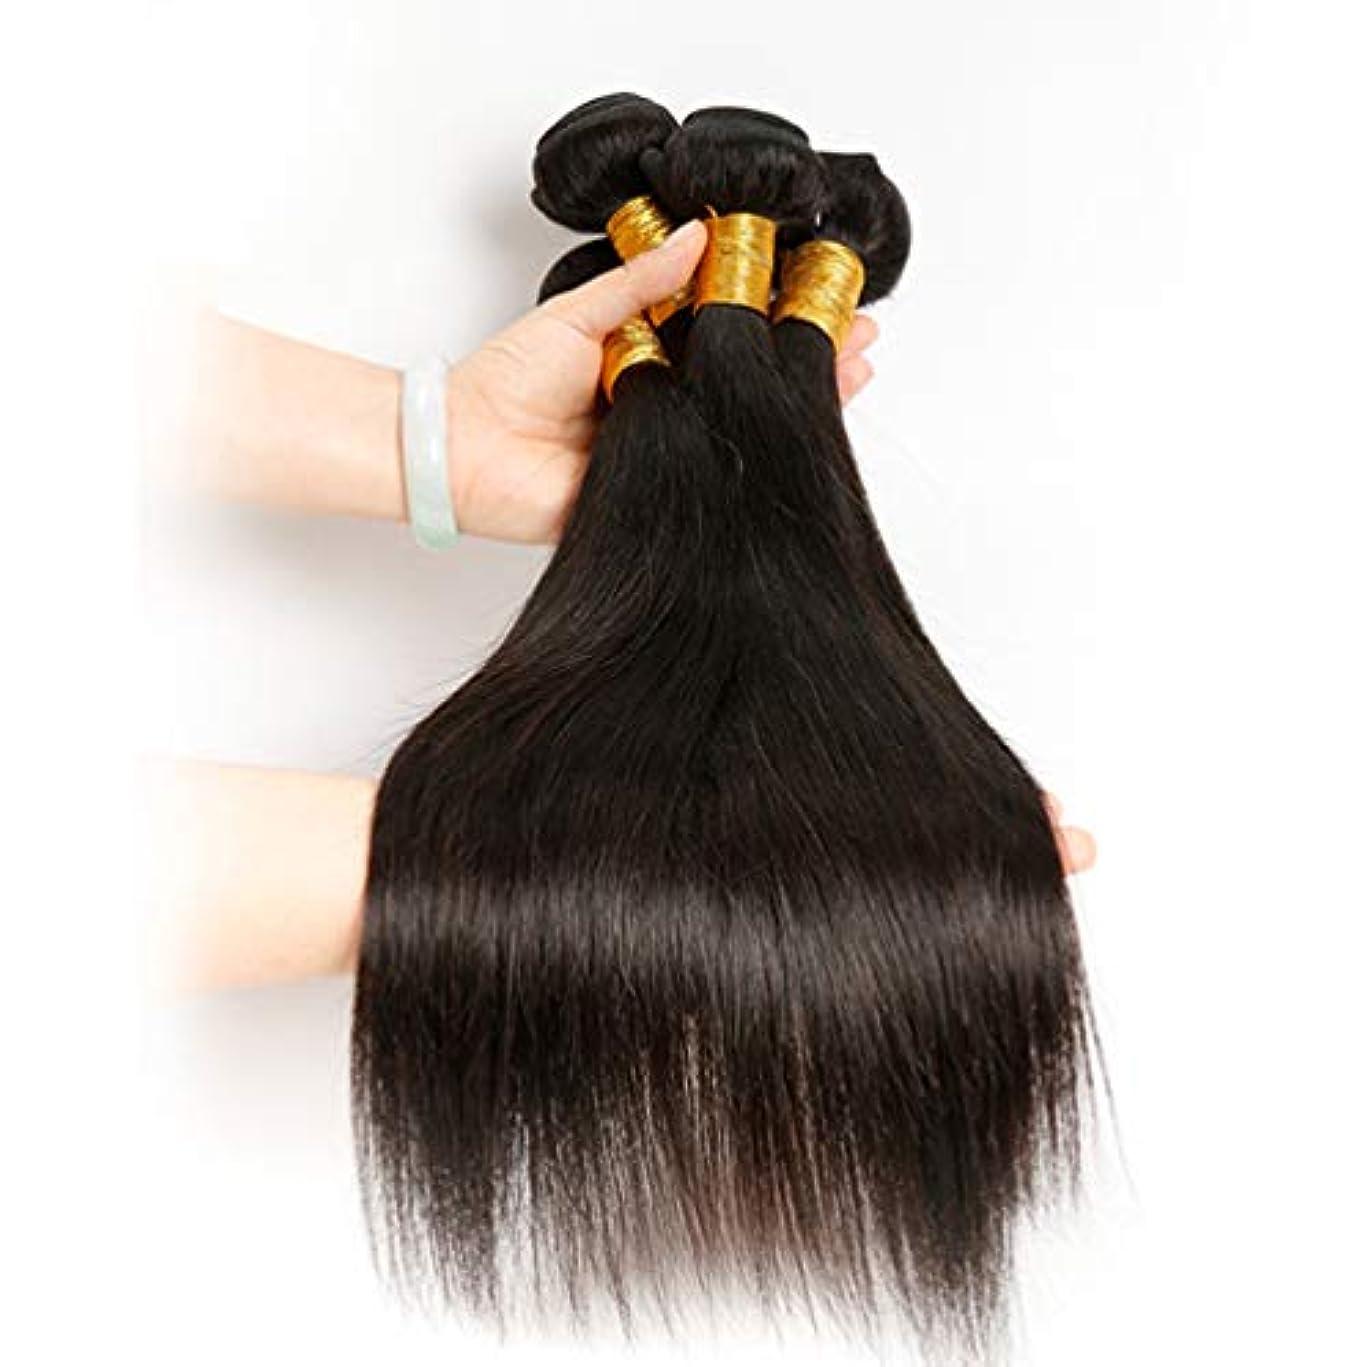 天才潜む東部女性ブラジル人髪織り人毛ストレートリアルレミーナチュラルヘアーウィーブエクステンションよこ糸フルヘッド(3バンドル)